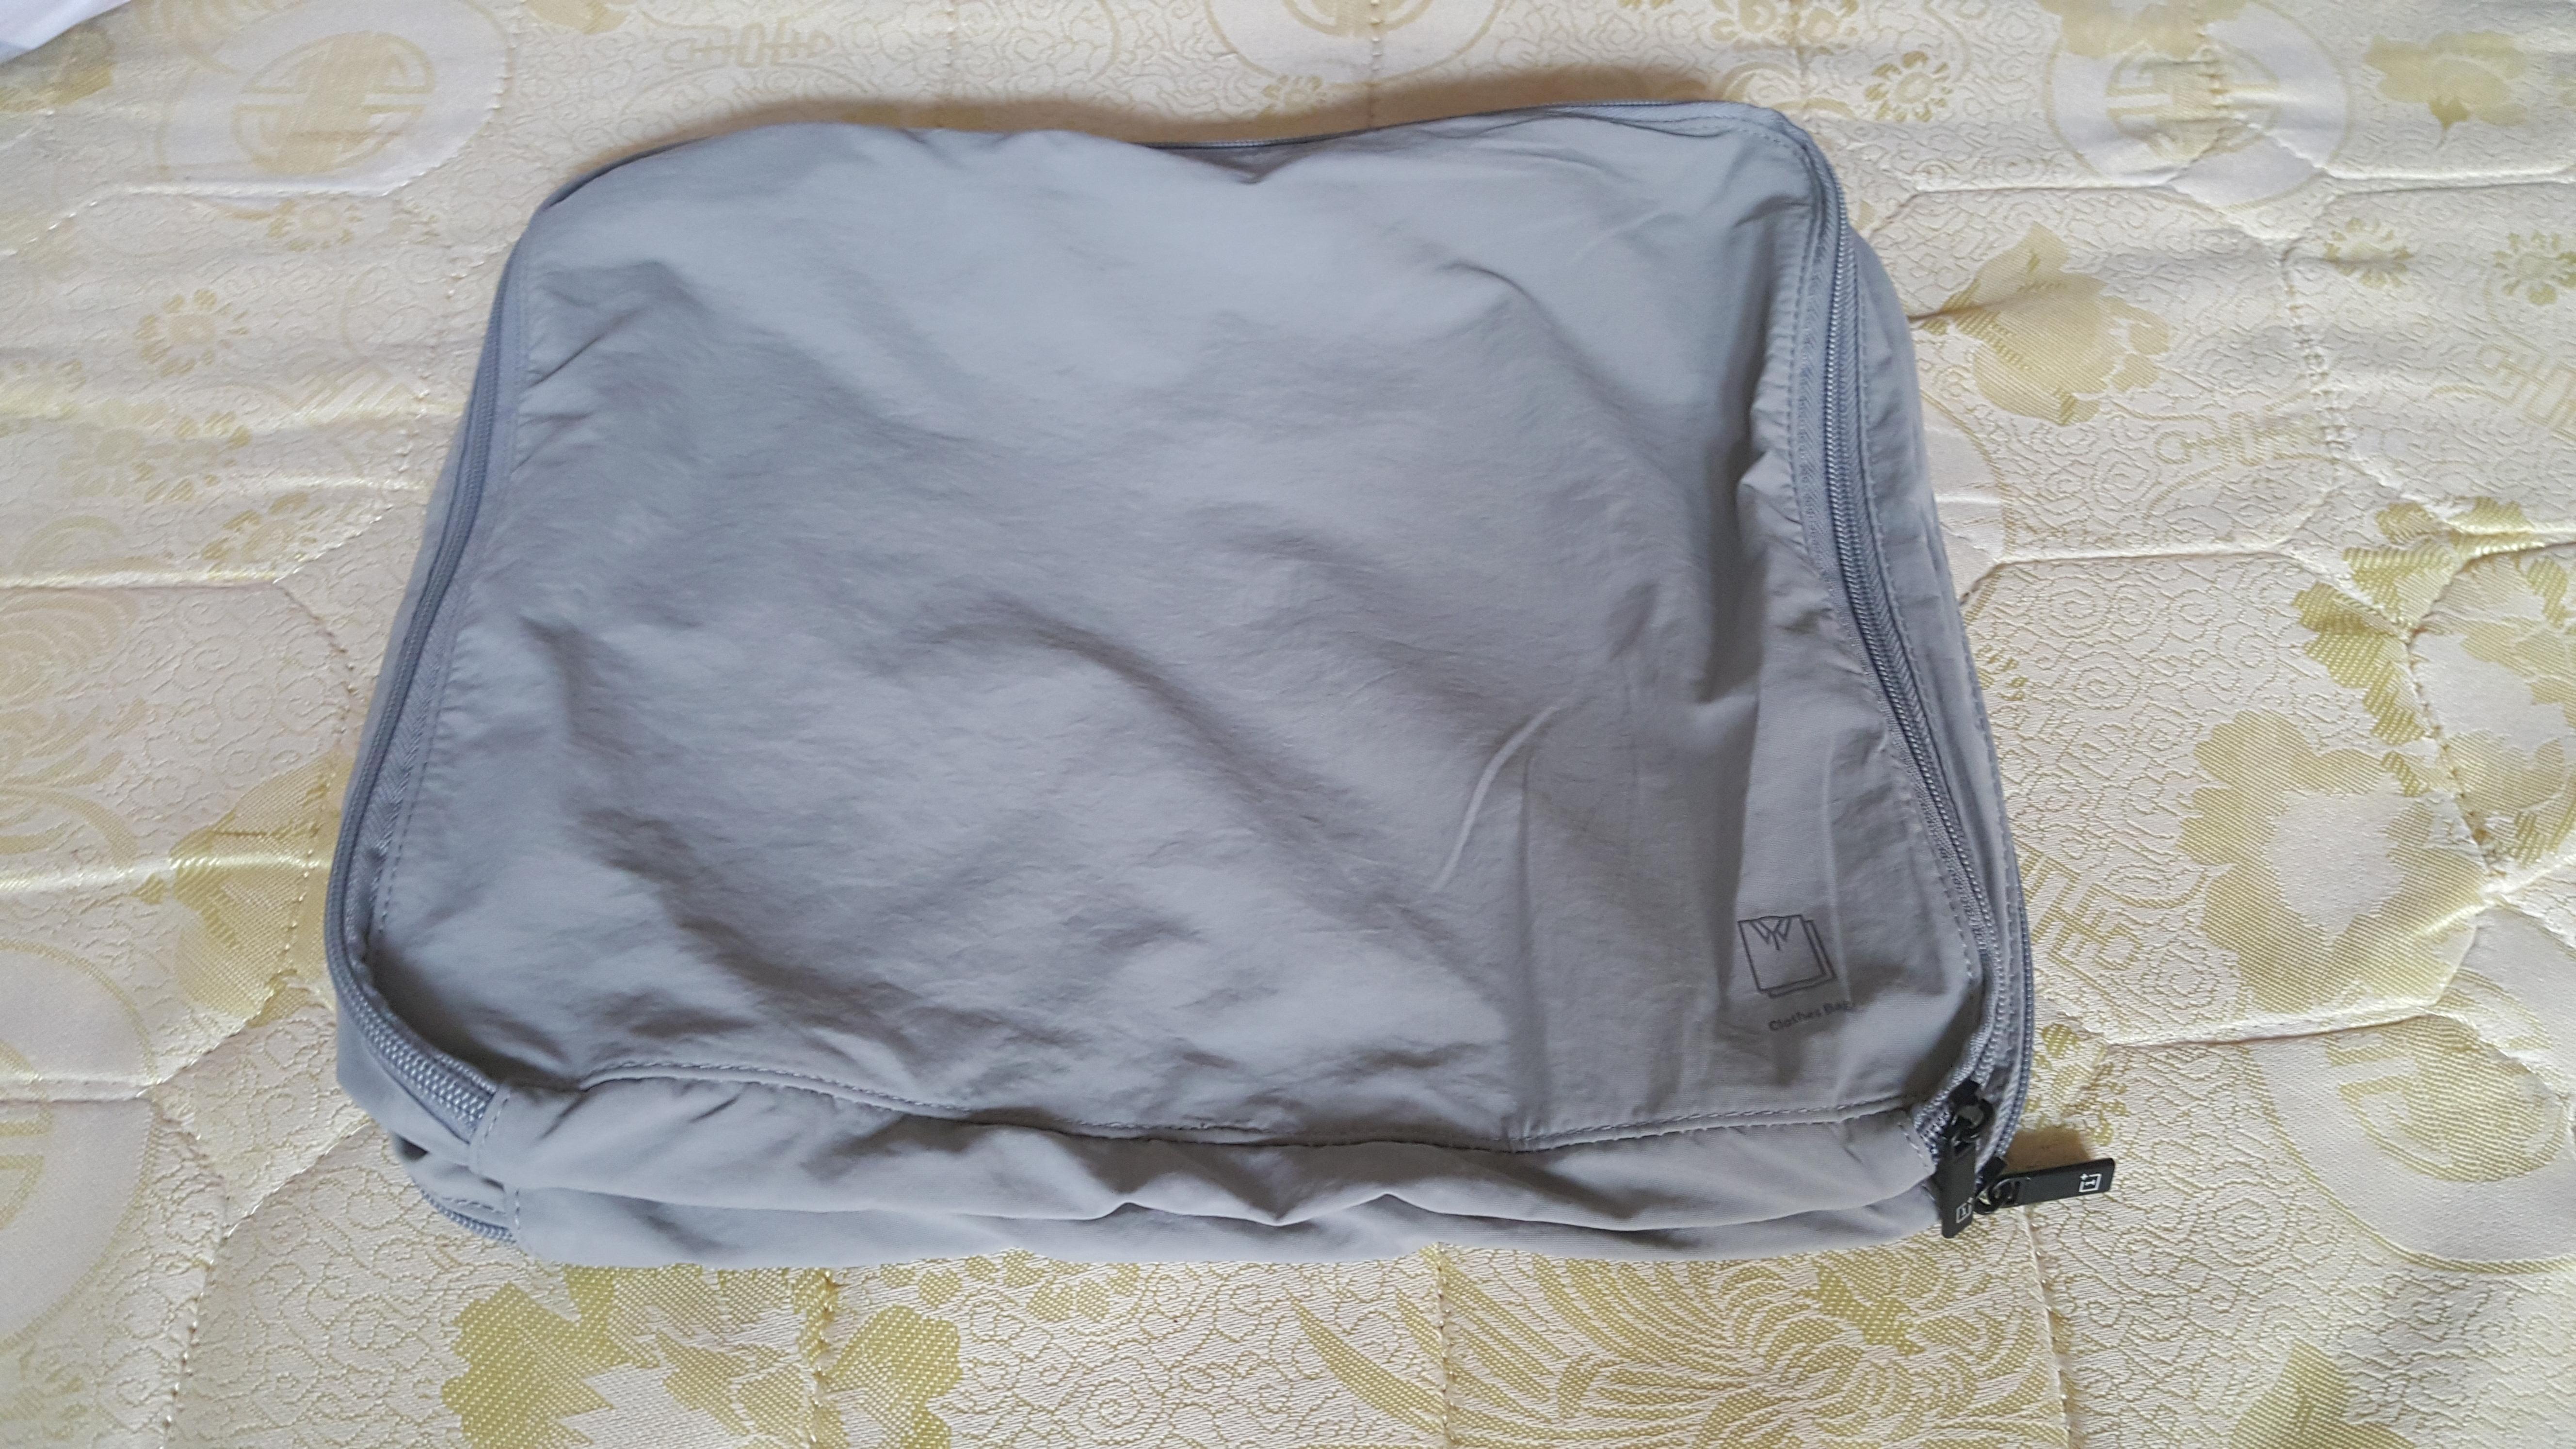 赠送的独立衣服收纳袋